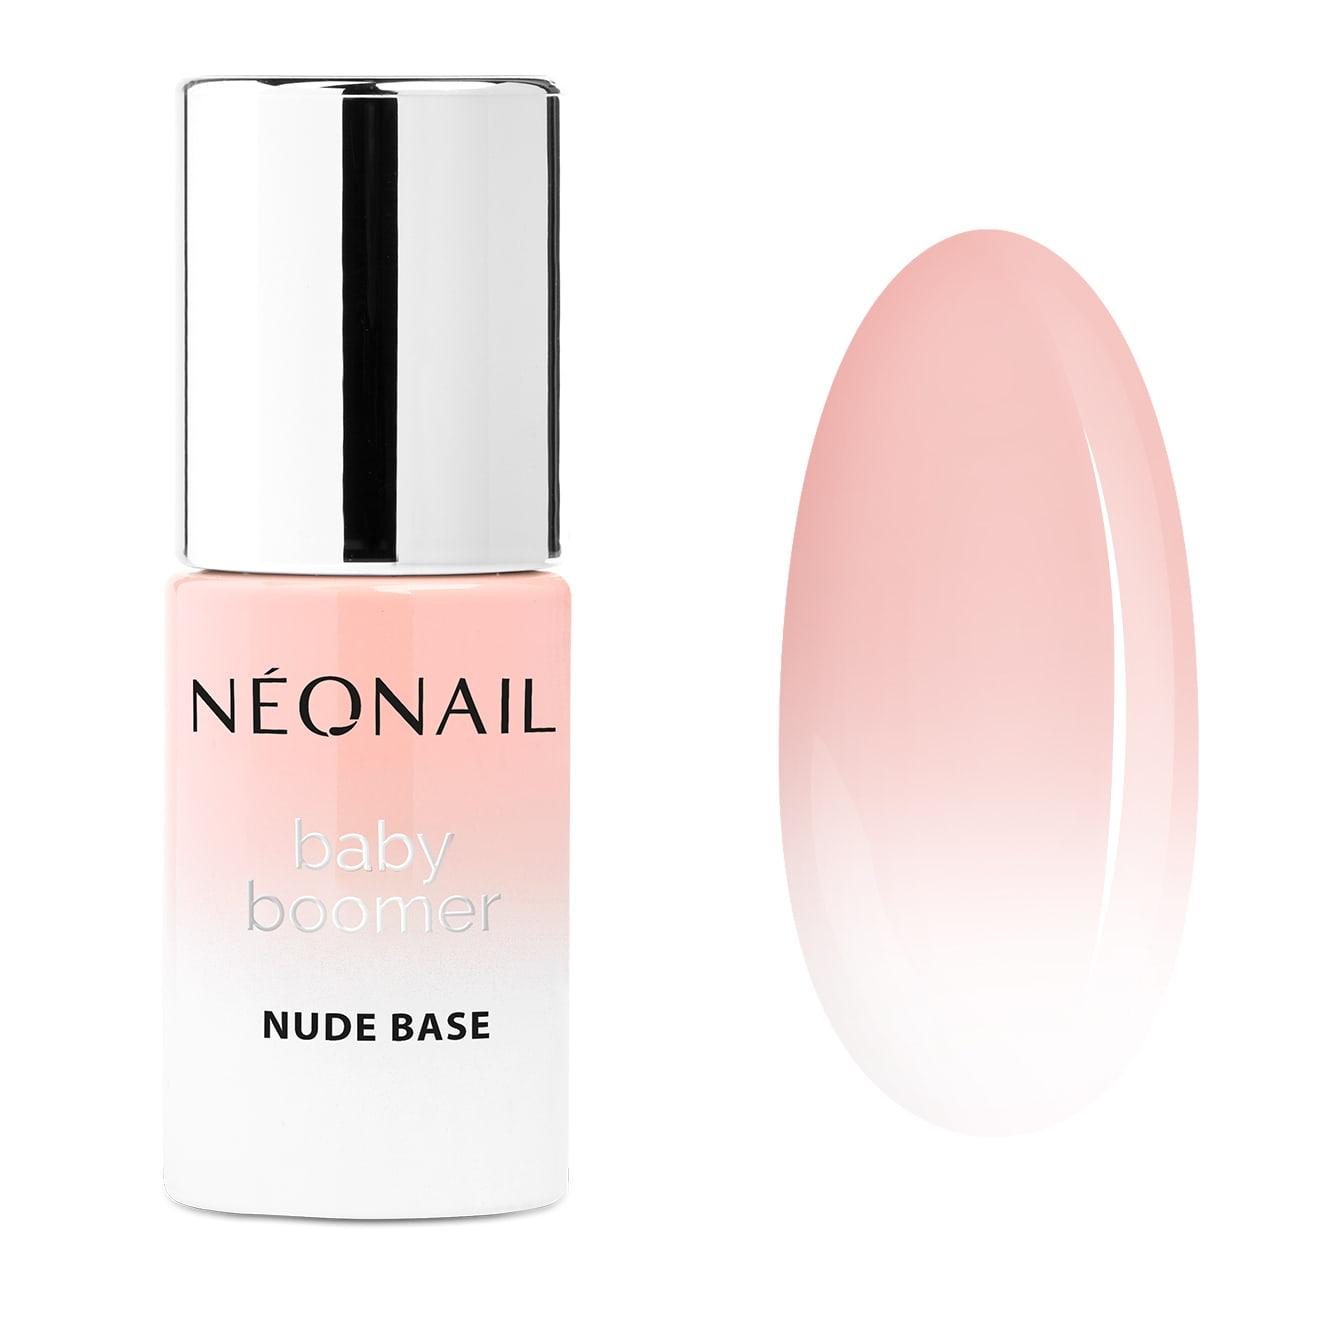 NeoNail Baza Baby Boomer Nude Base